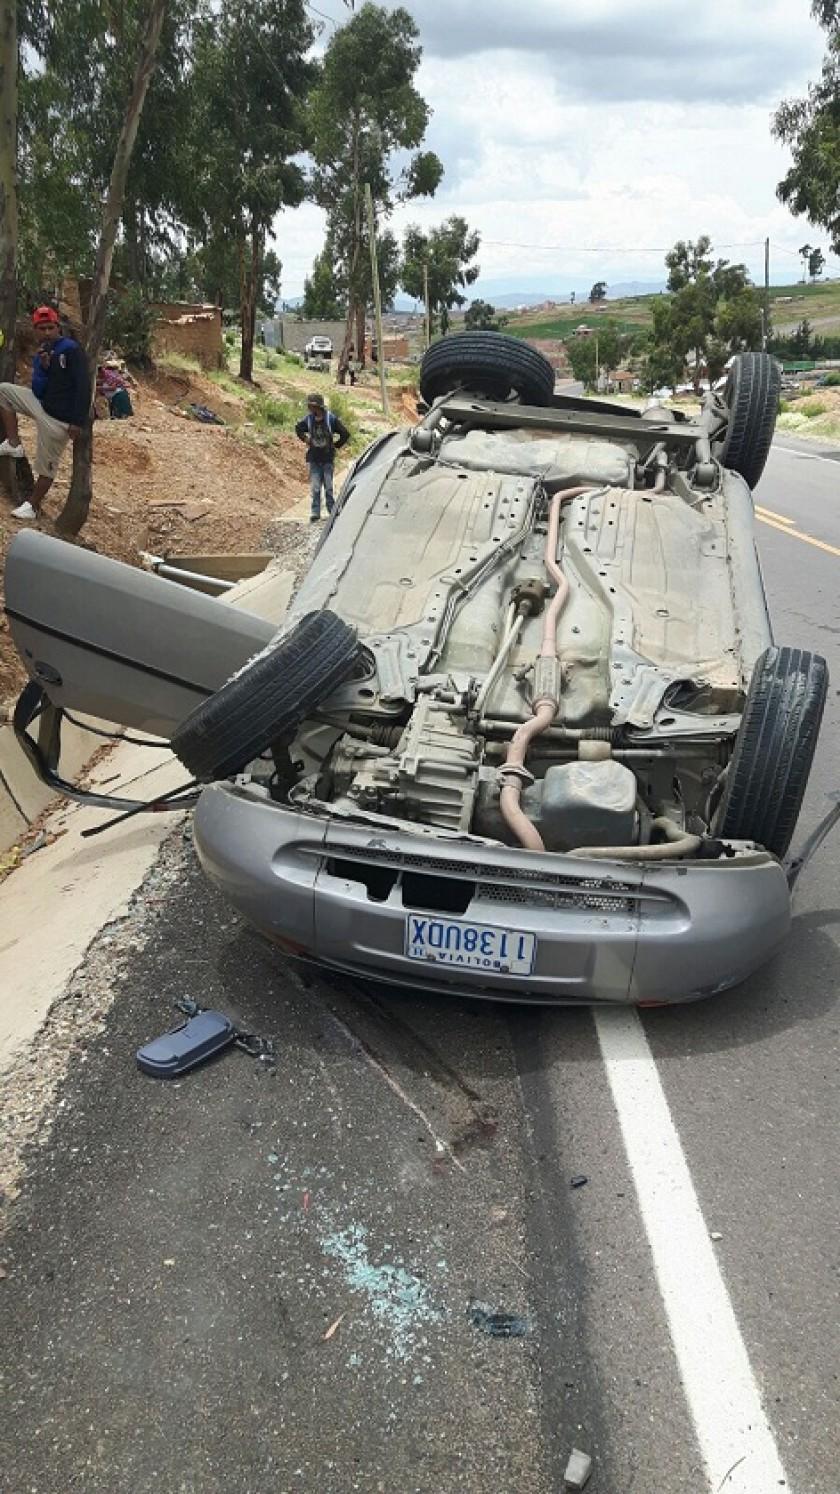 El accidente dejó el saldo fatal de un muerto. Foto: Getileza/Tránsito